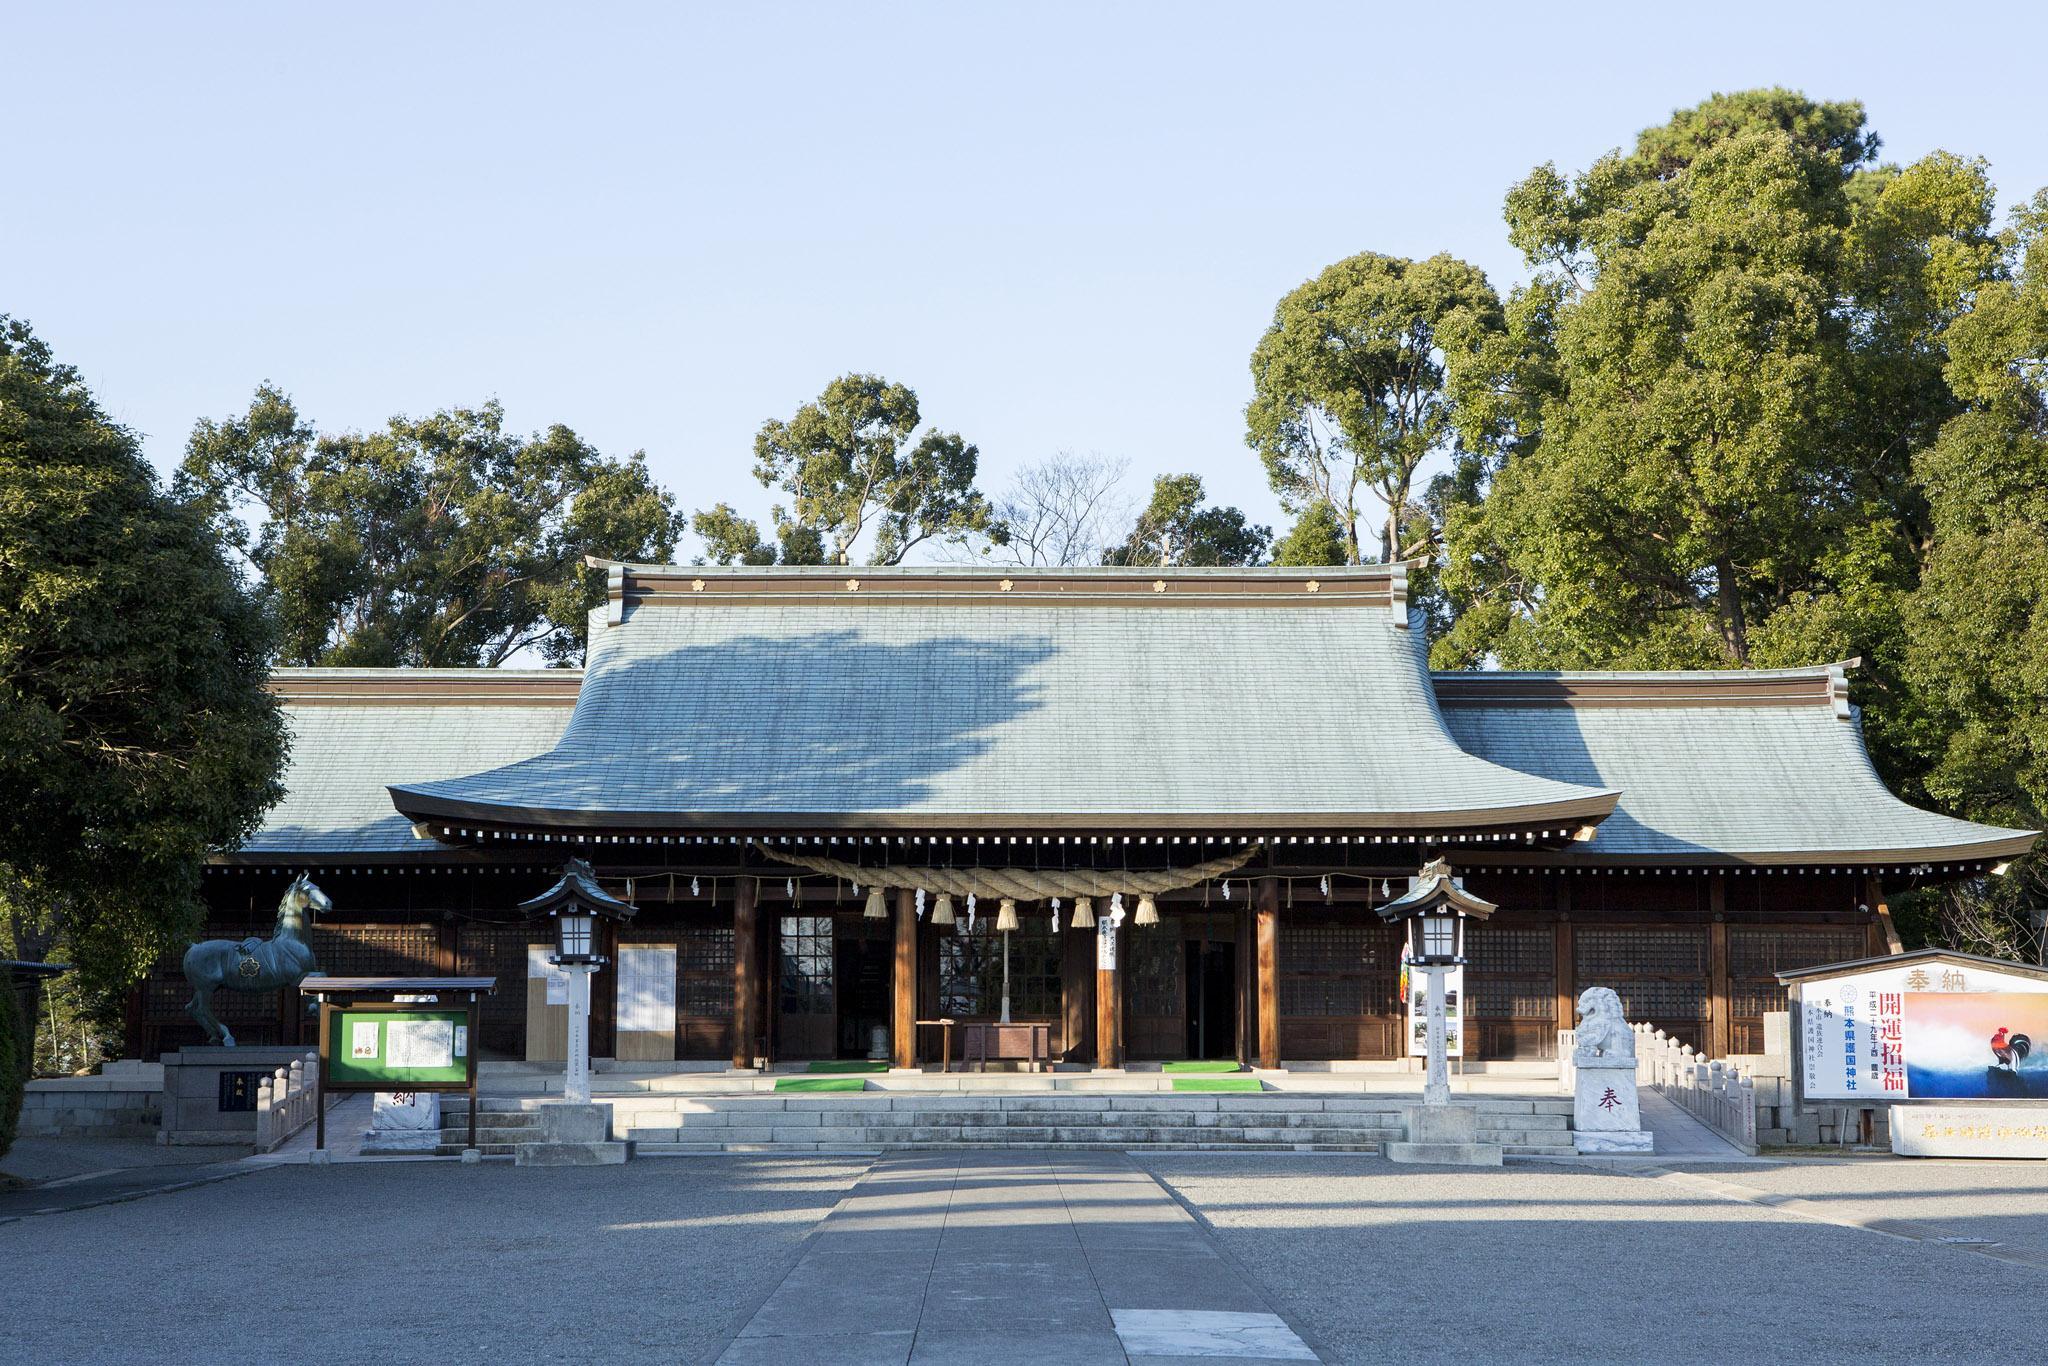 熊本県護国神社 | 観光地 | 熊本市観光ガイド